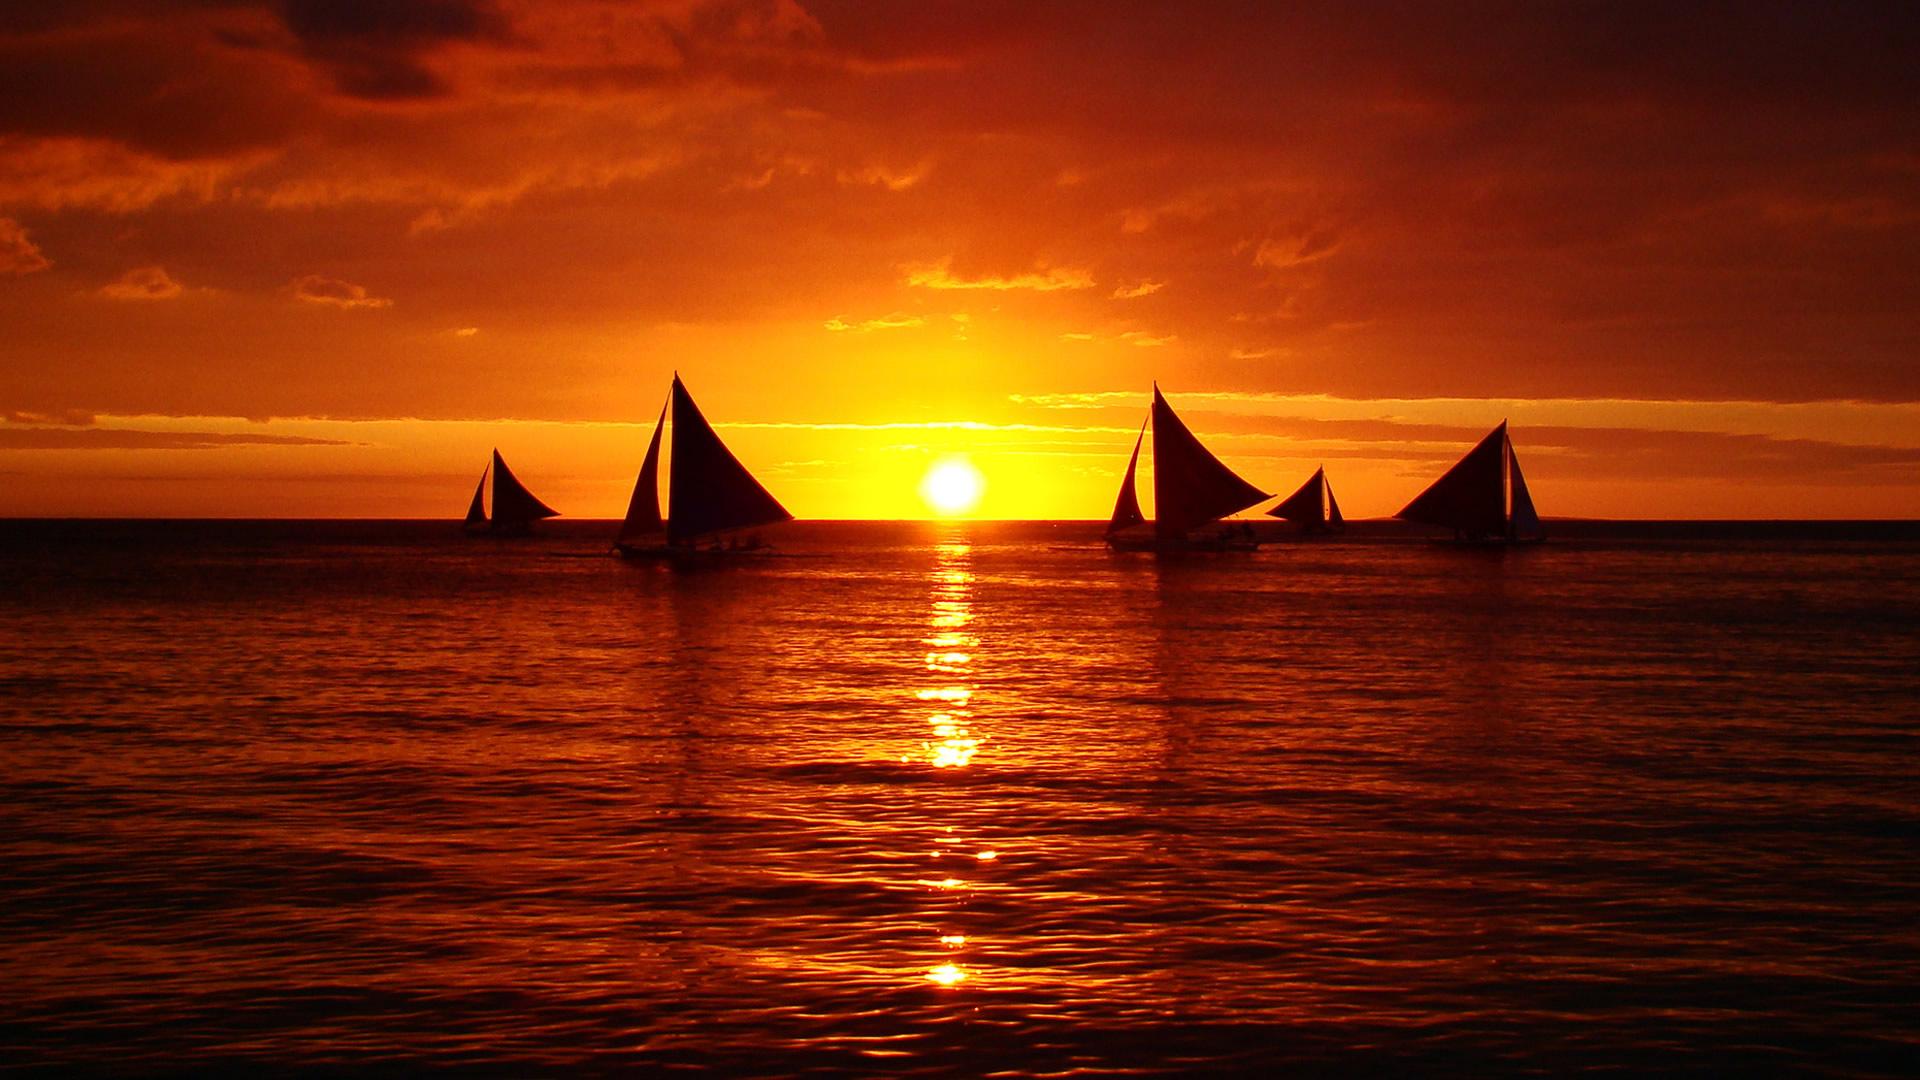 Sfondi bellissimi hd tramonto sul mare e barche a vela for Paesaggi naturali hd